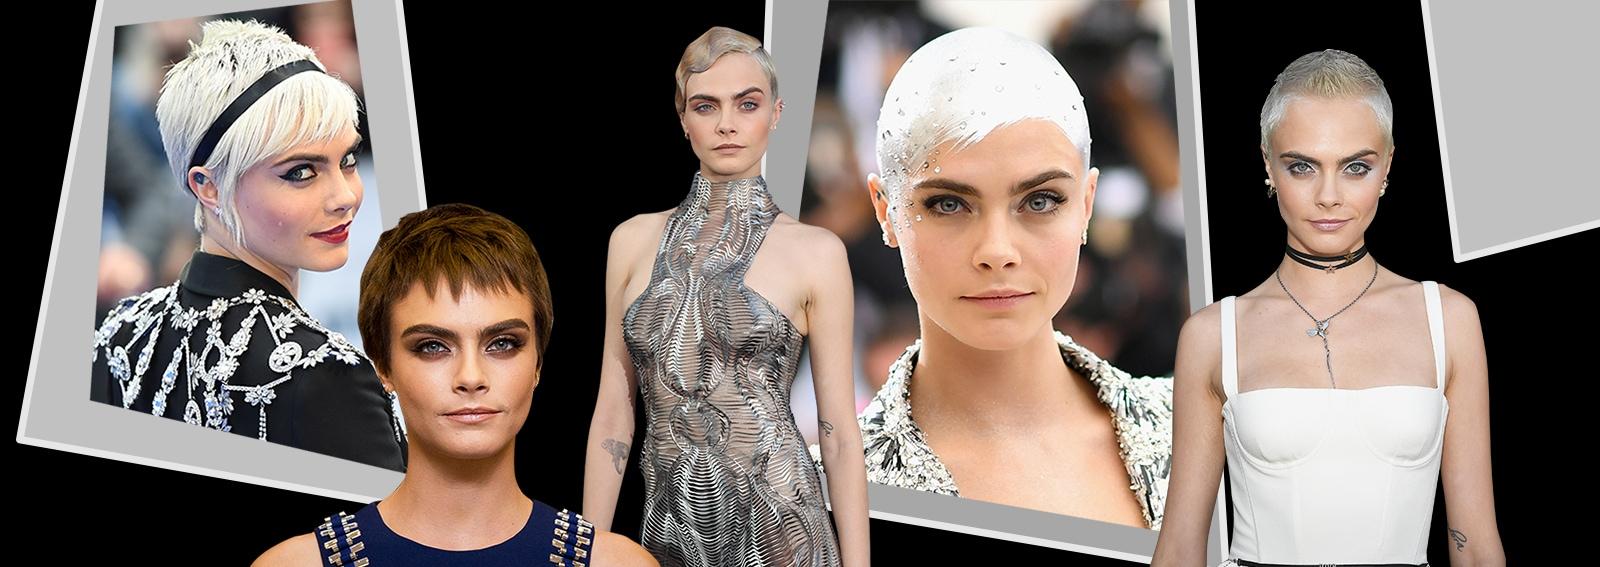 Cara Delevingne capelli corti: tutti gli ultimi haircut dell'attrice